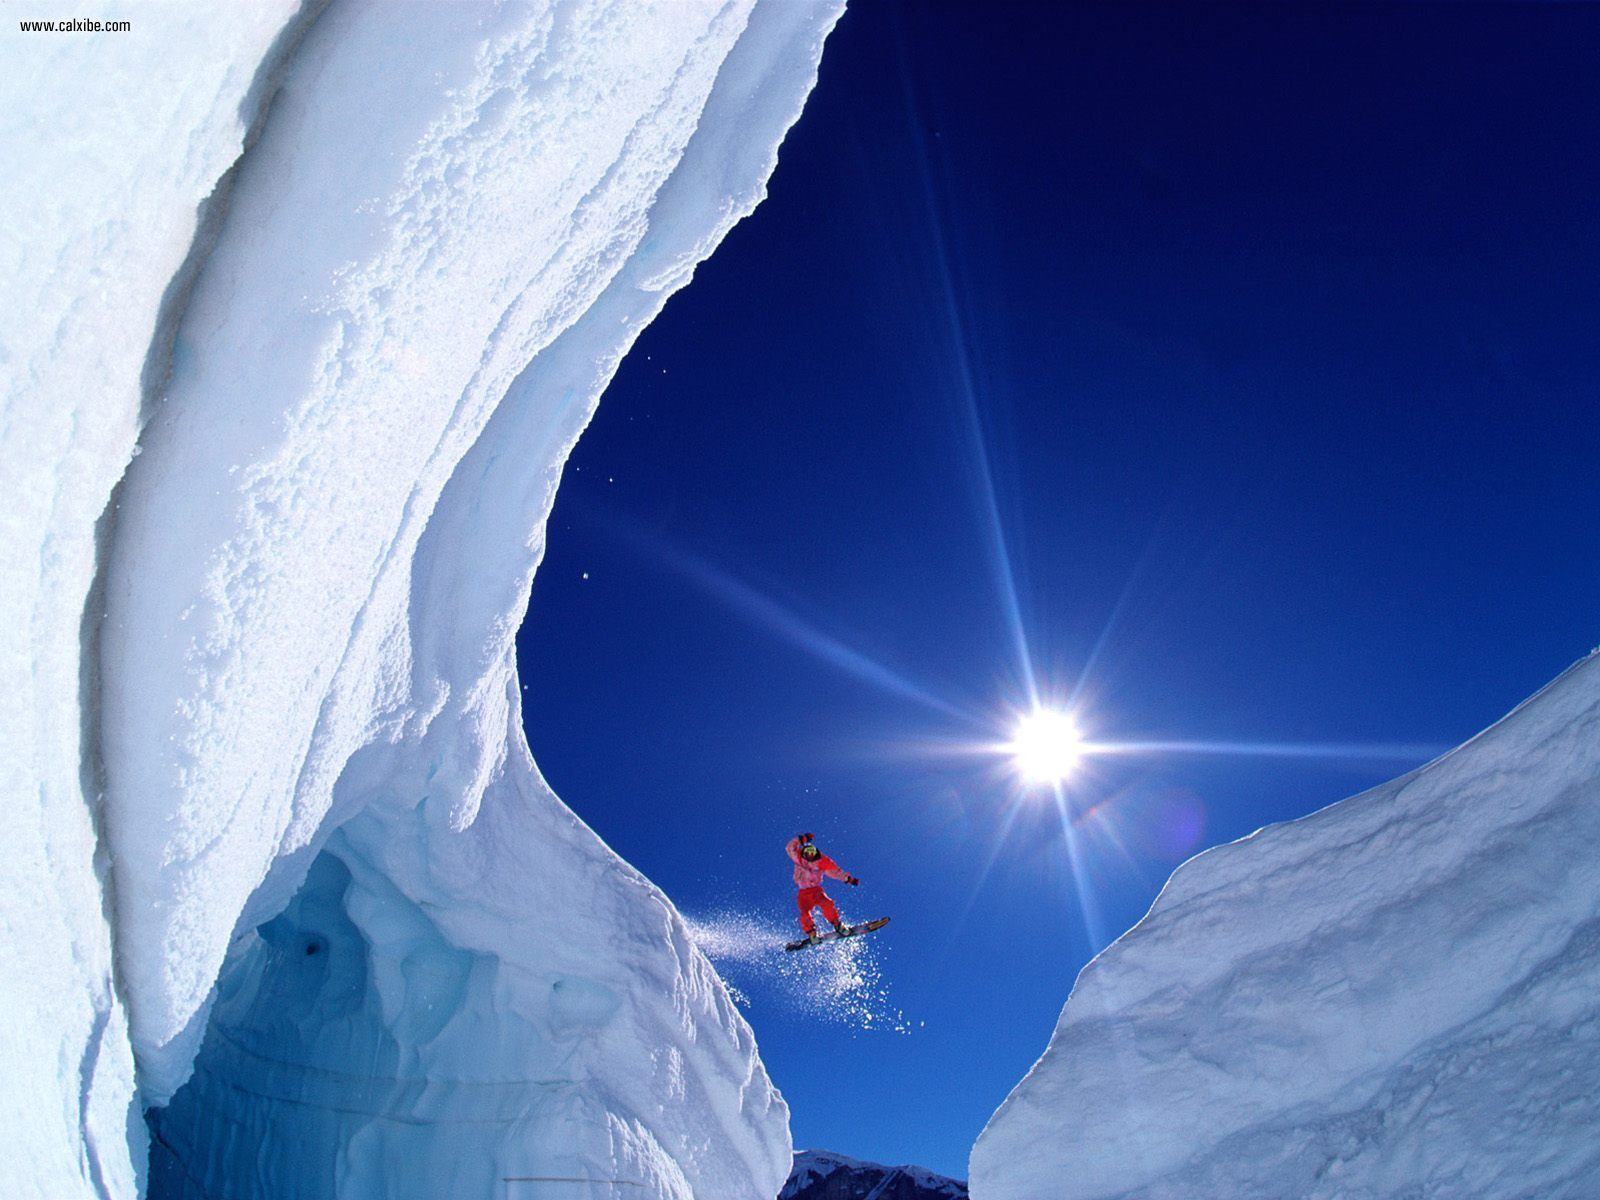 http://4.bp.blogspot.com/-kKMBQDoGm6E/Tw0nA3blj9I/AAAAAAAABTo/U1WxyZj4mK8/s1600/Snowboarding+Wallpaper+3.jpg